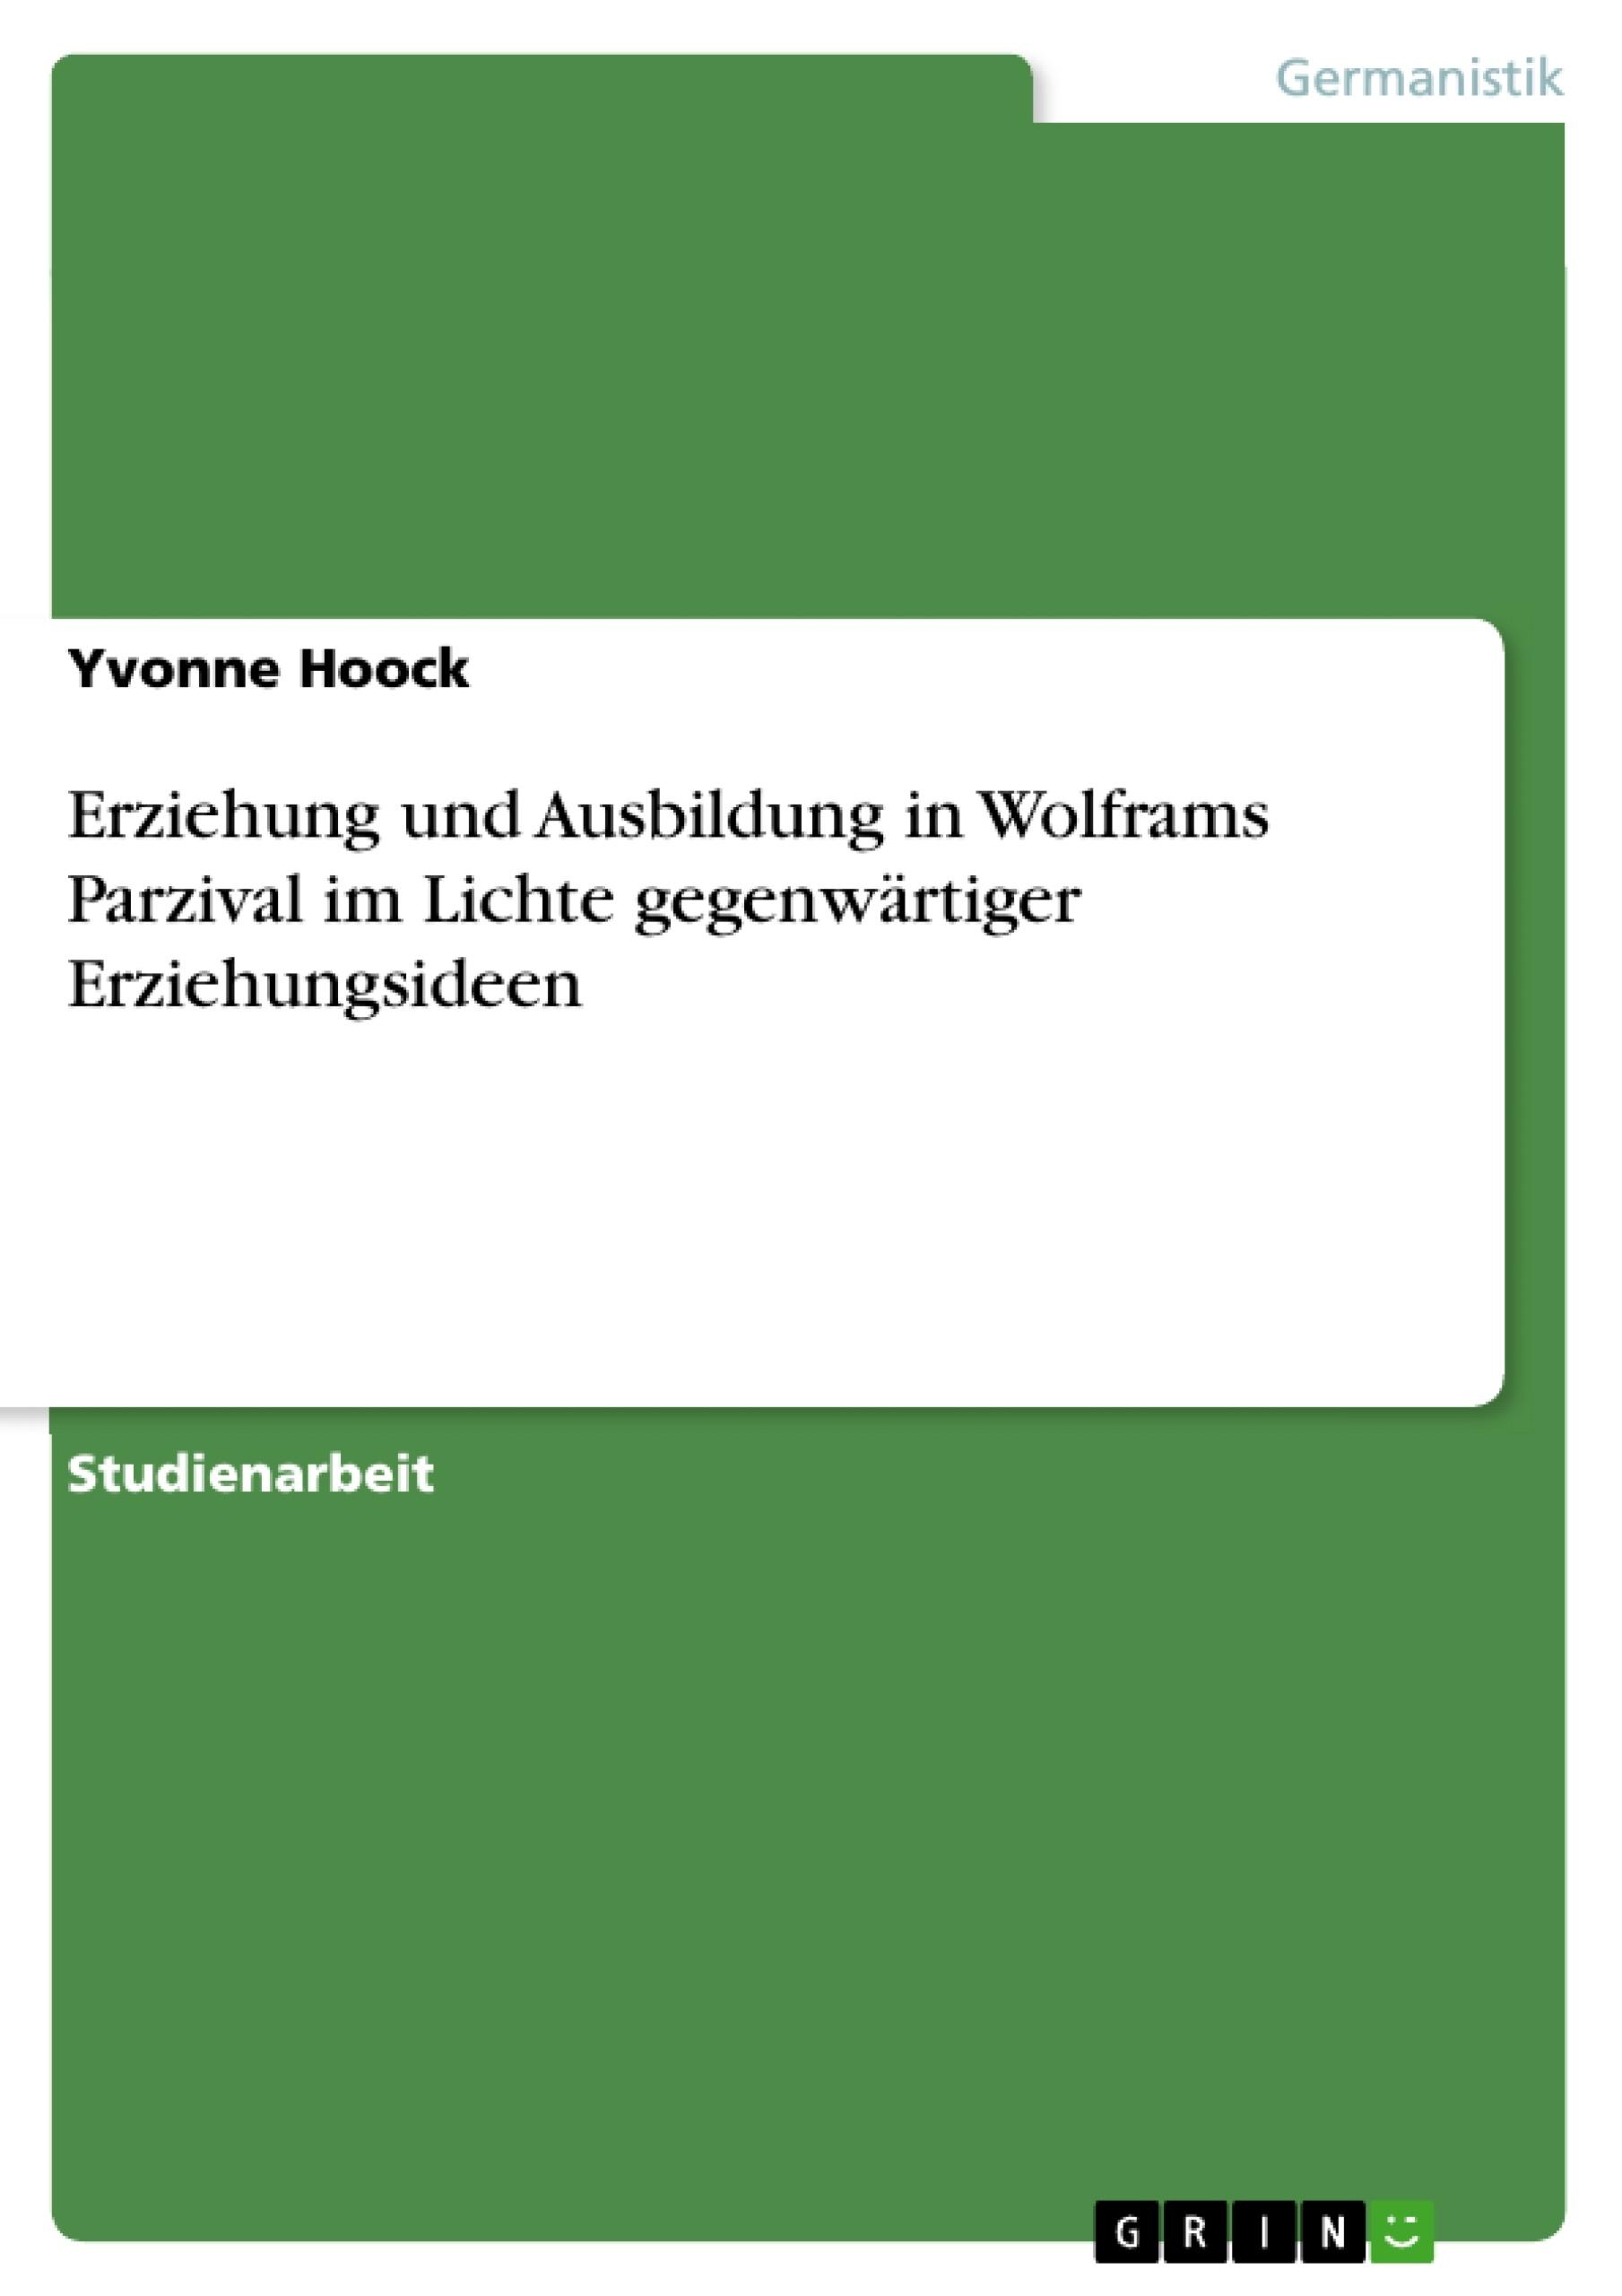 Titel: Erziehung und Ausbildung in Wolframs Parzival im Lichte gegenwärtiger Erziehungsideen